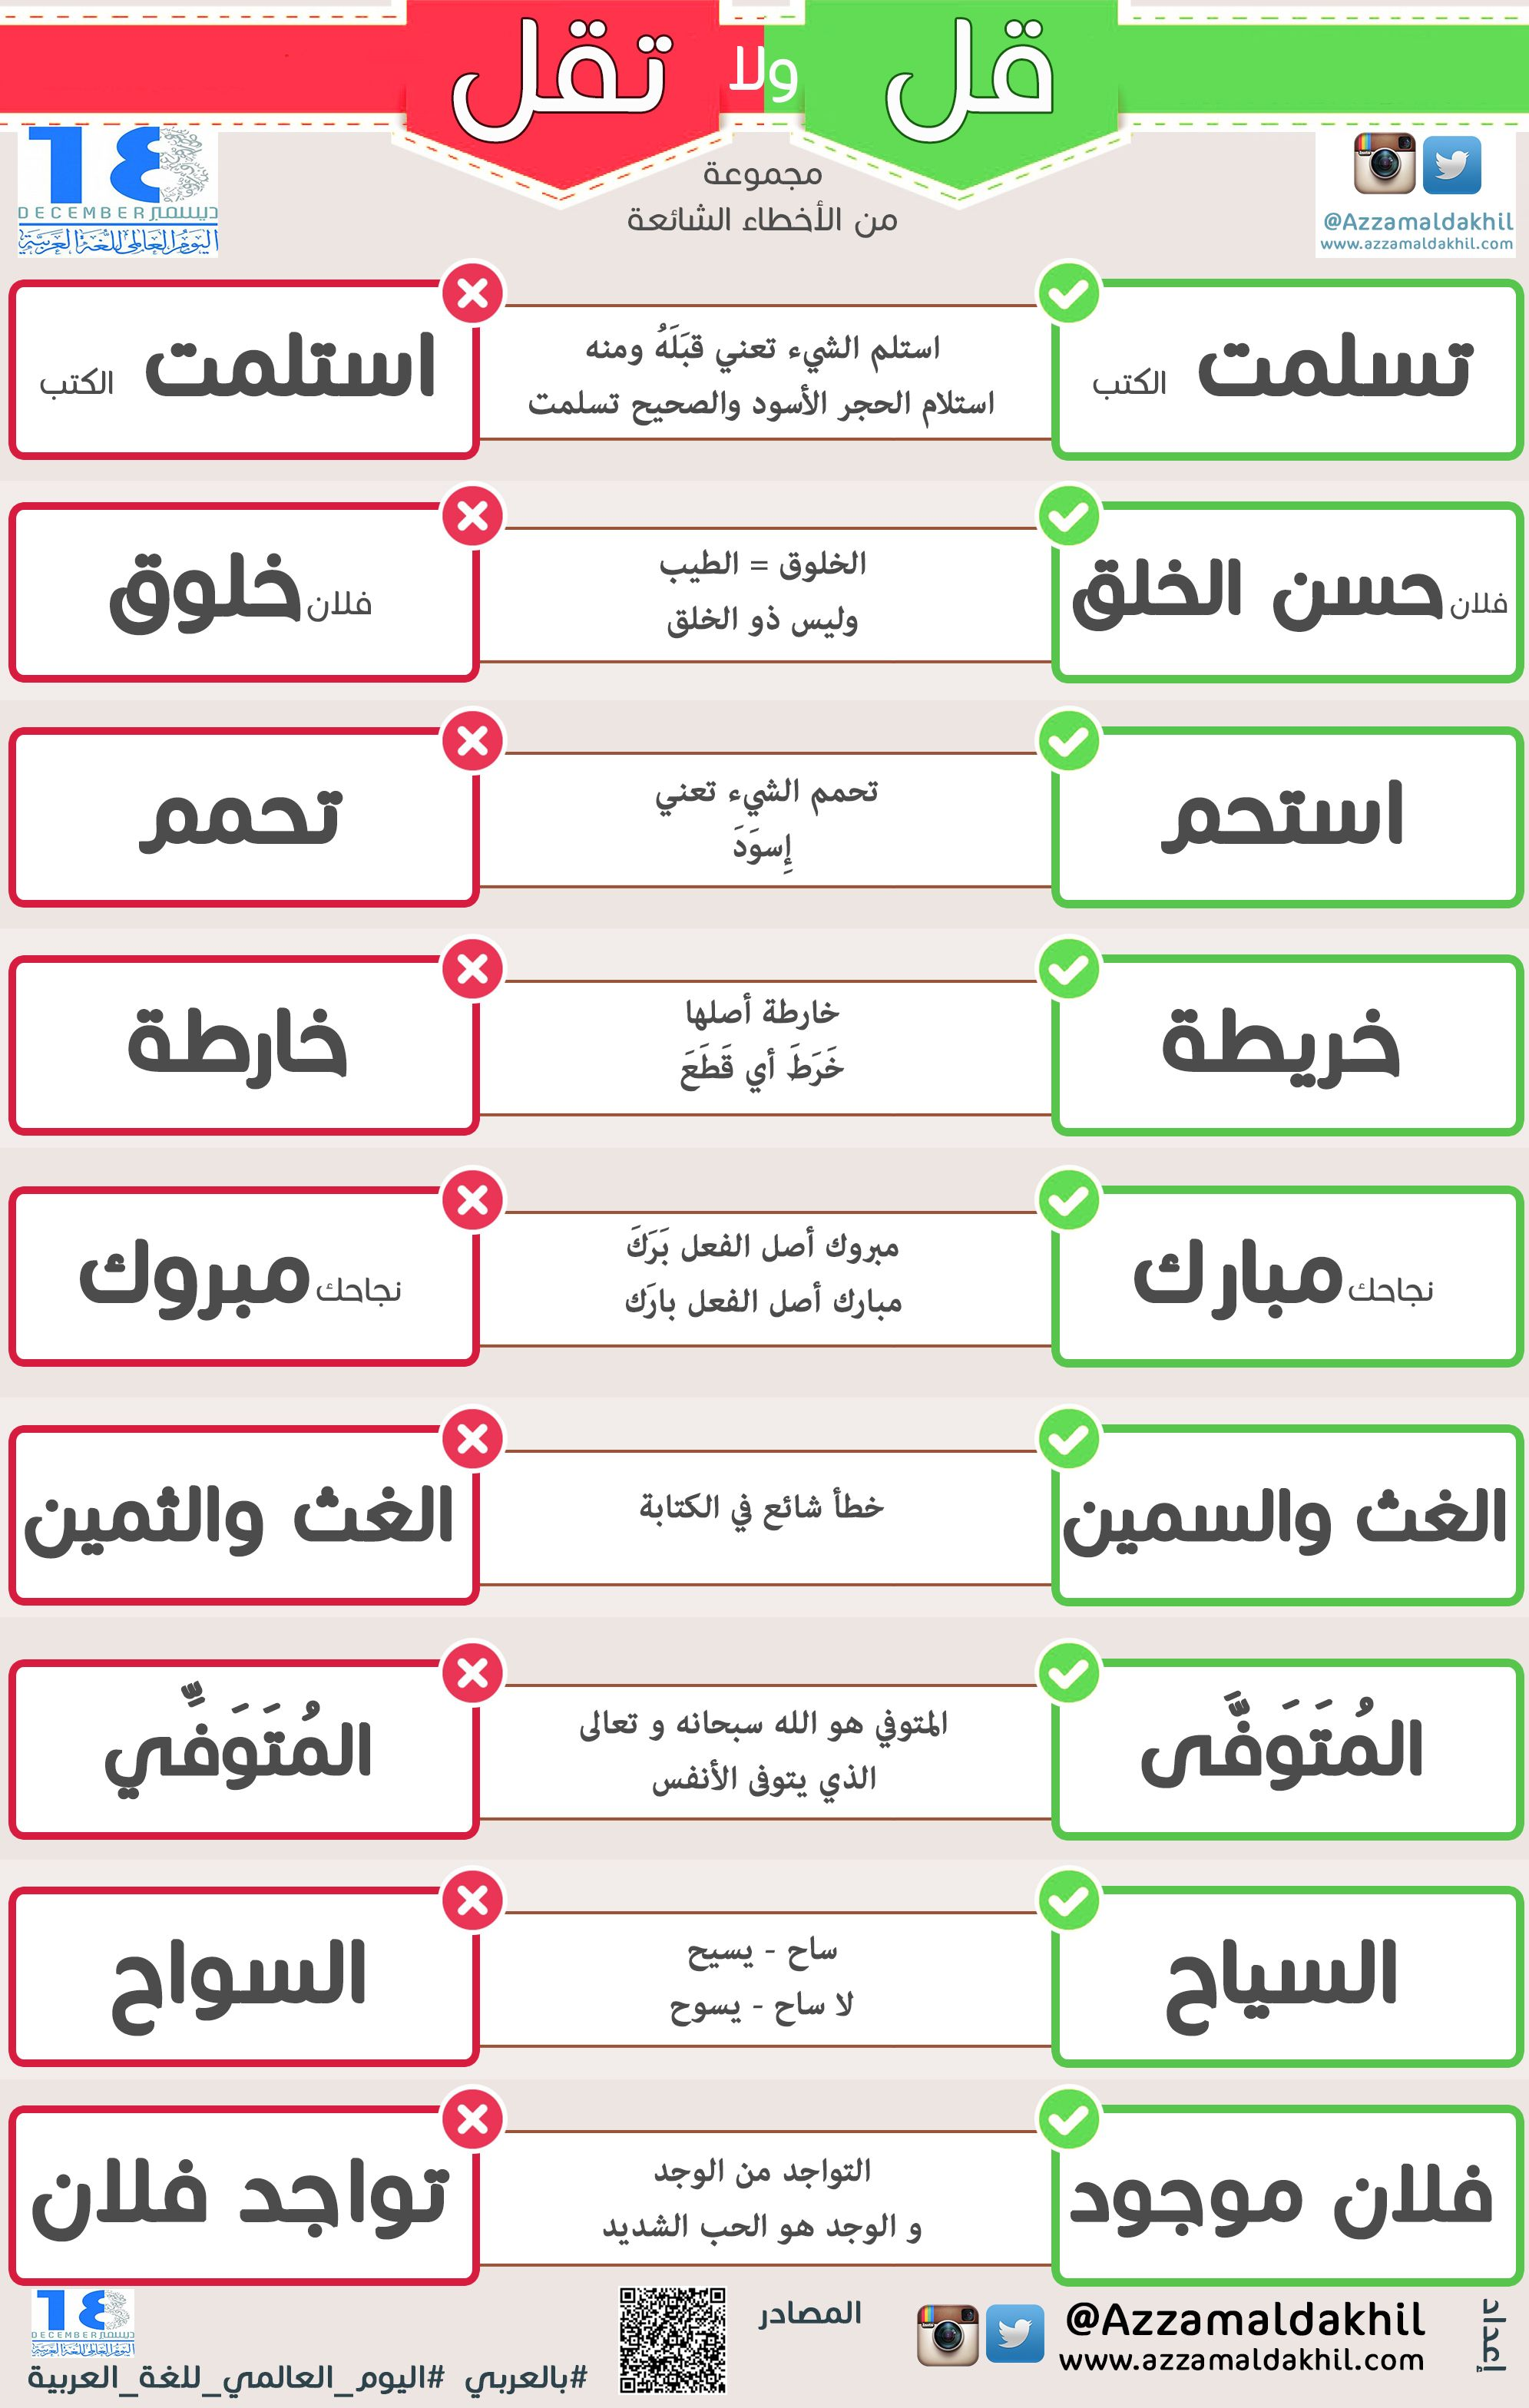 من الأخطاء الشائعة في اللغة العربية قل ولا تقل Learn Arabic Language Arabic Language Learning Arabic